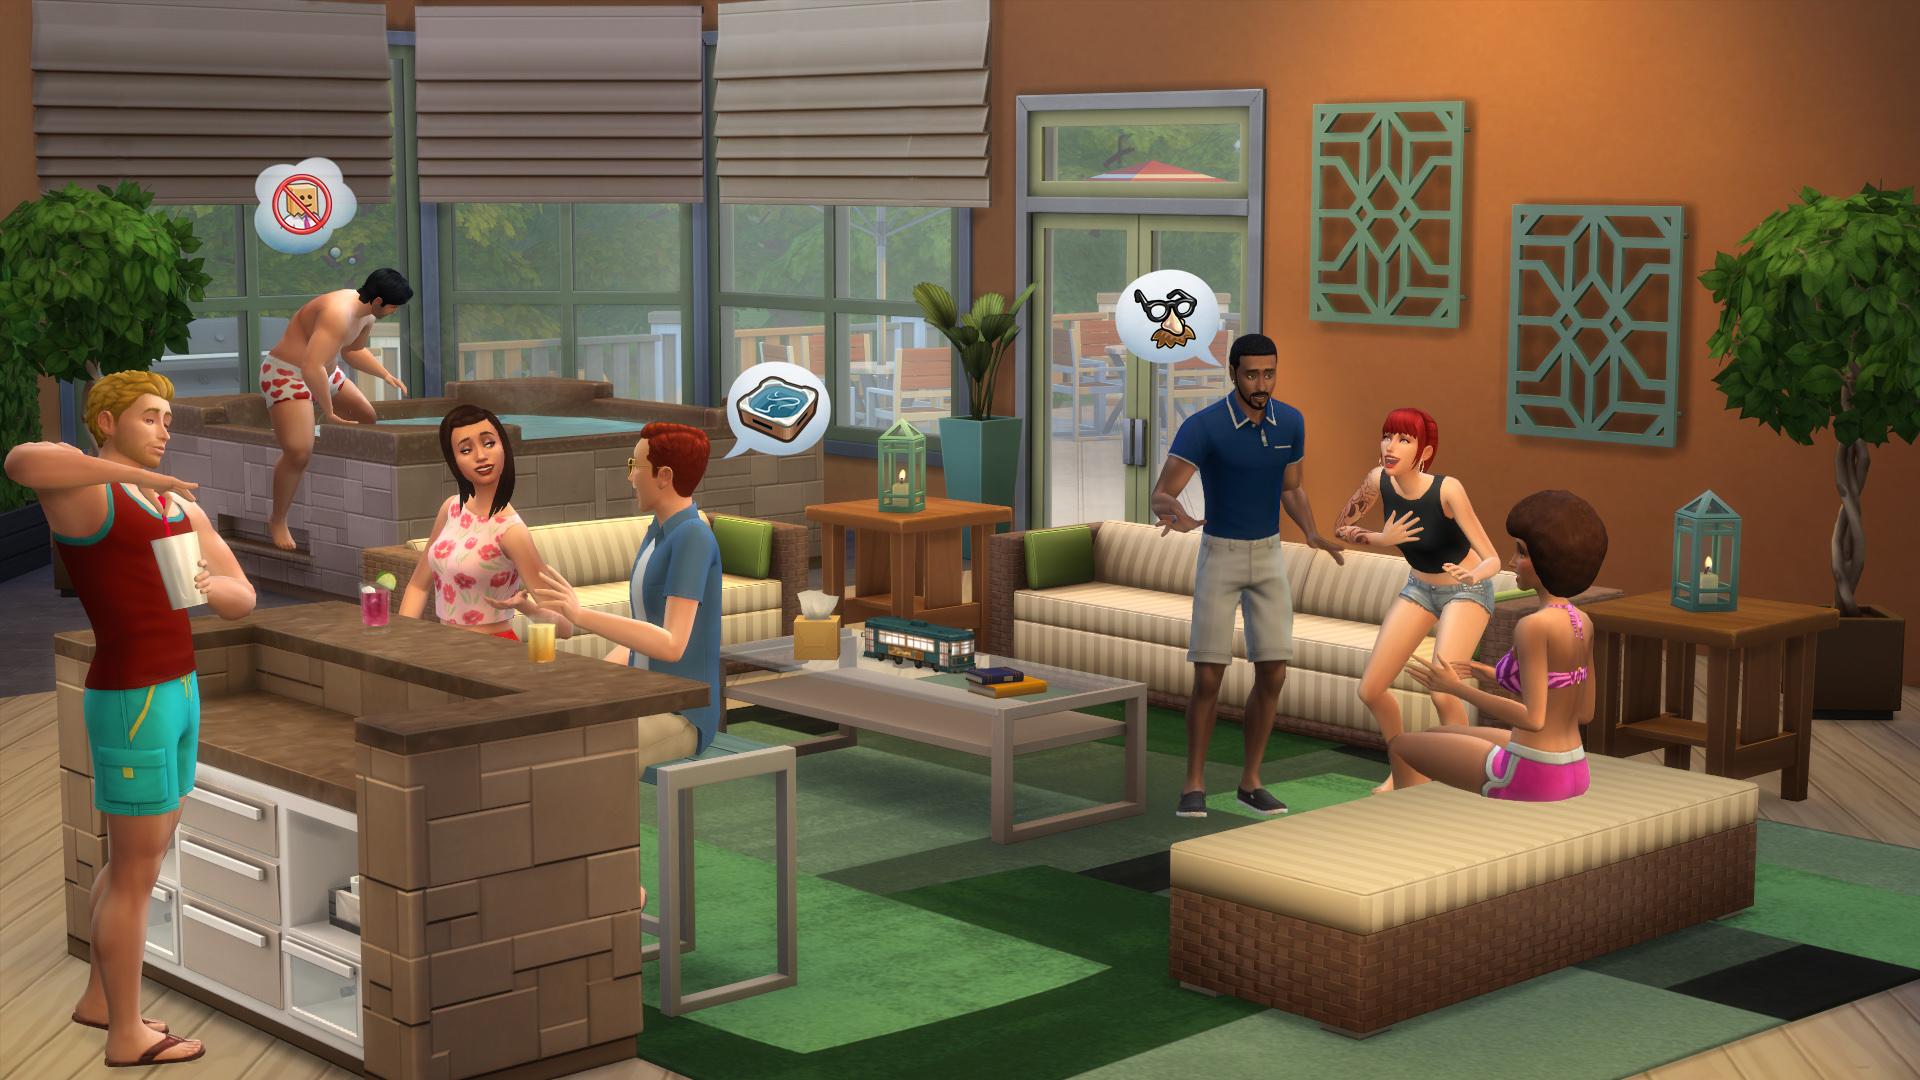 Фото мебели из игры sims 5